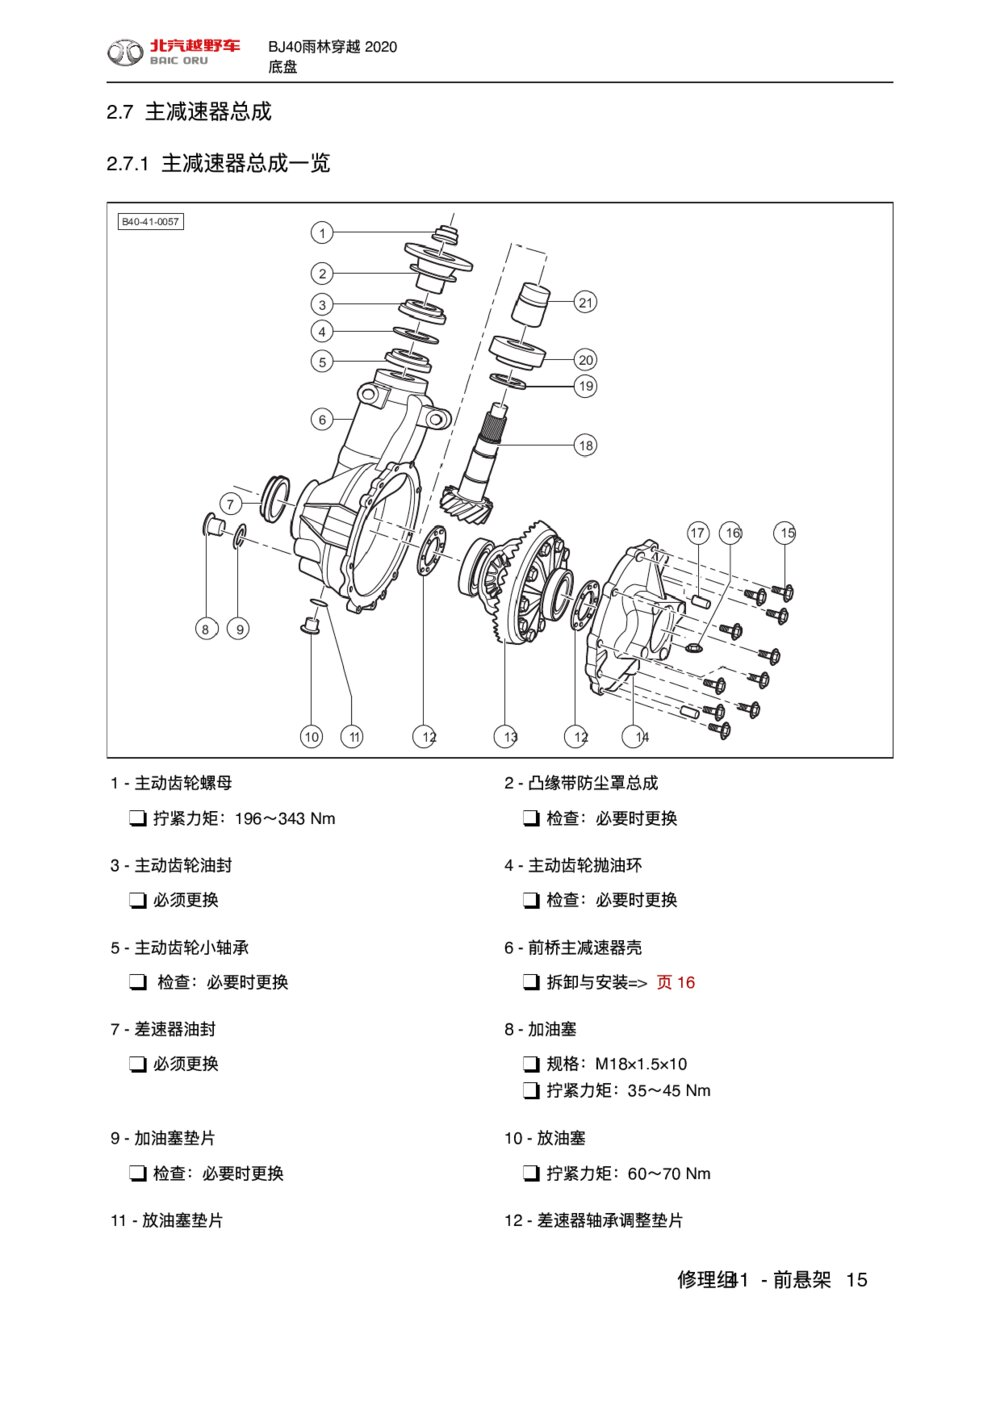 2020款北京BJ40主减速器总成手册1